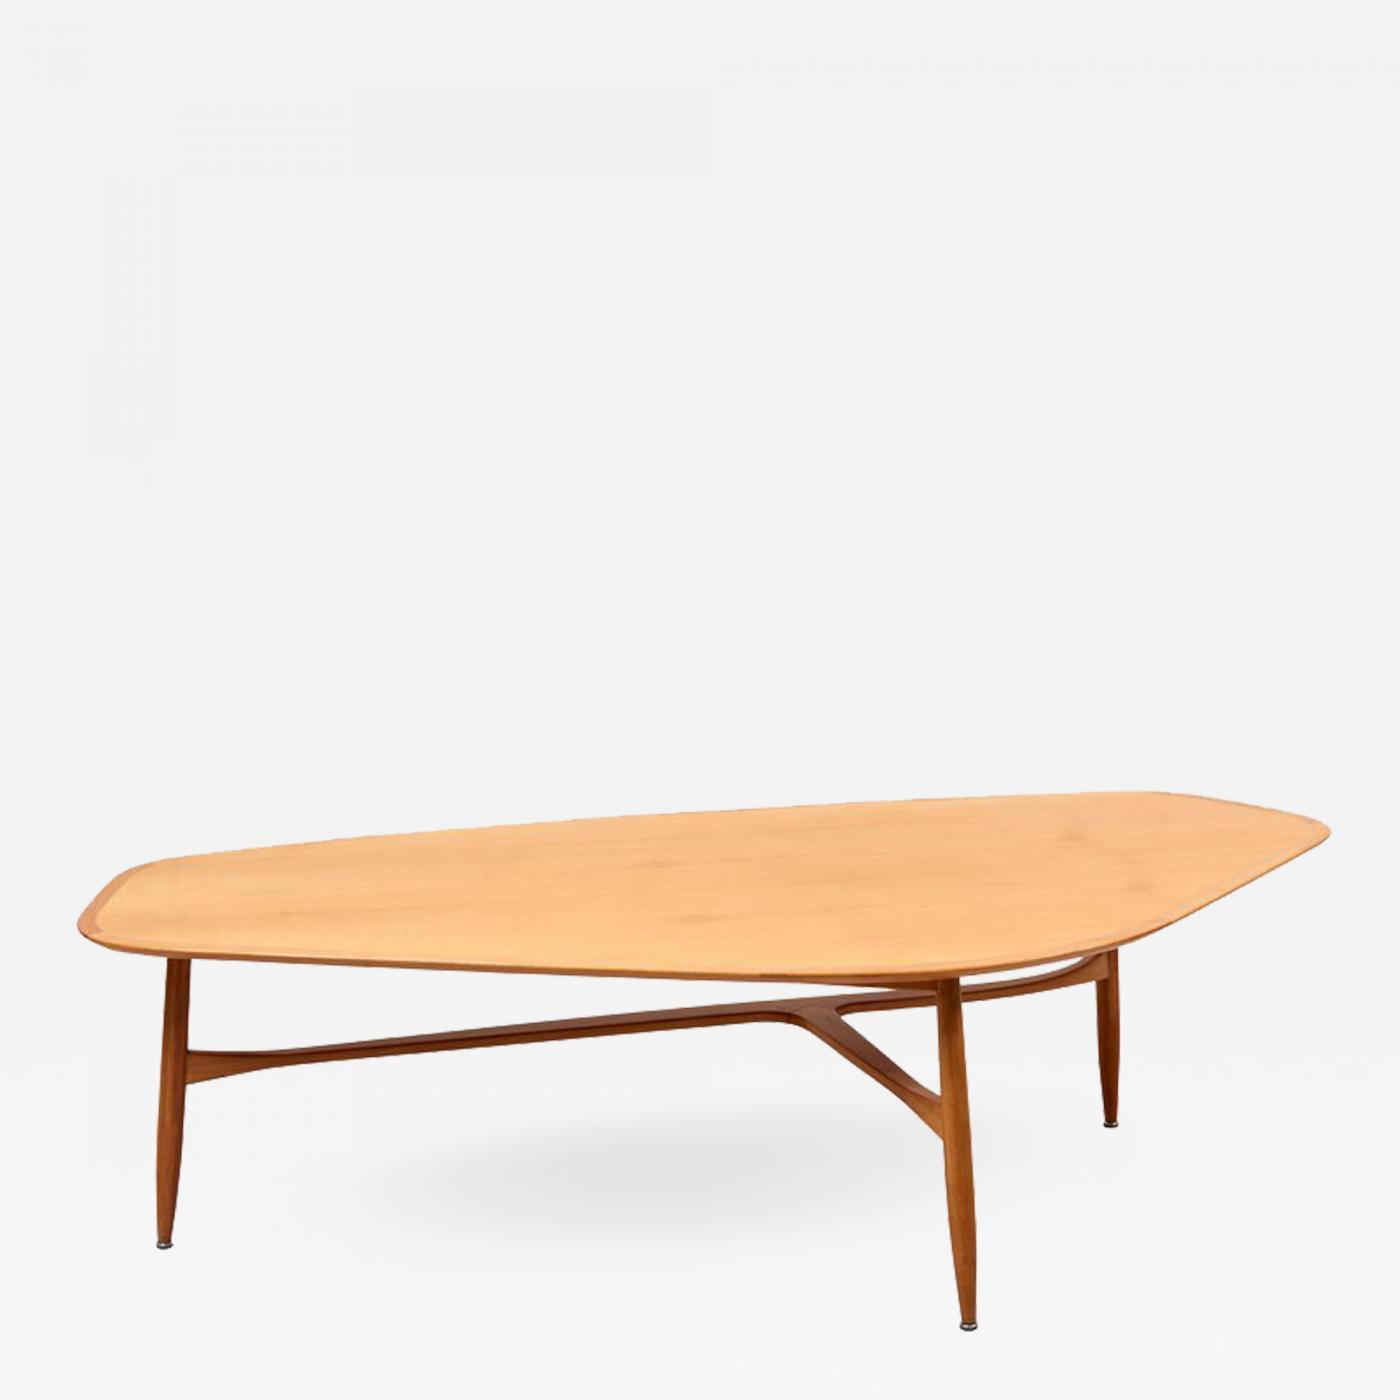 svante skogh large boomerang shaped coffee table in teak wood by svante skogh for laauser